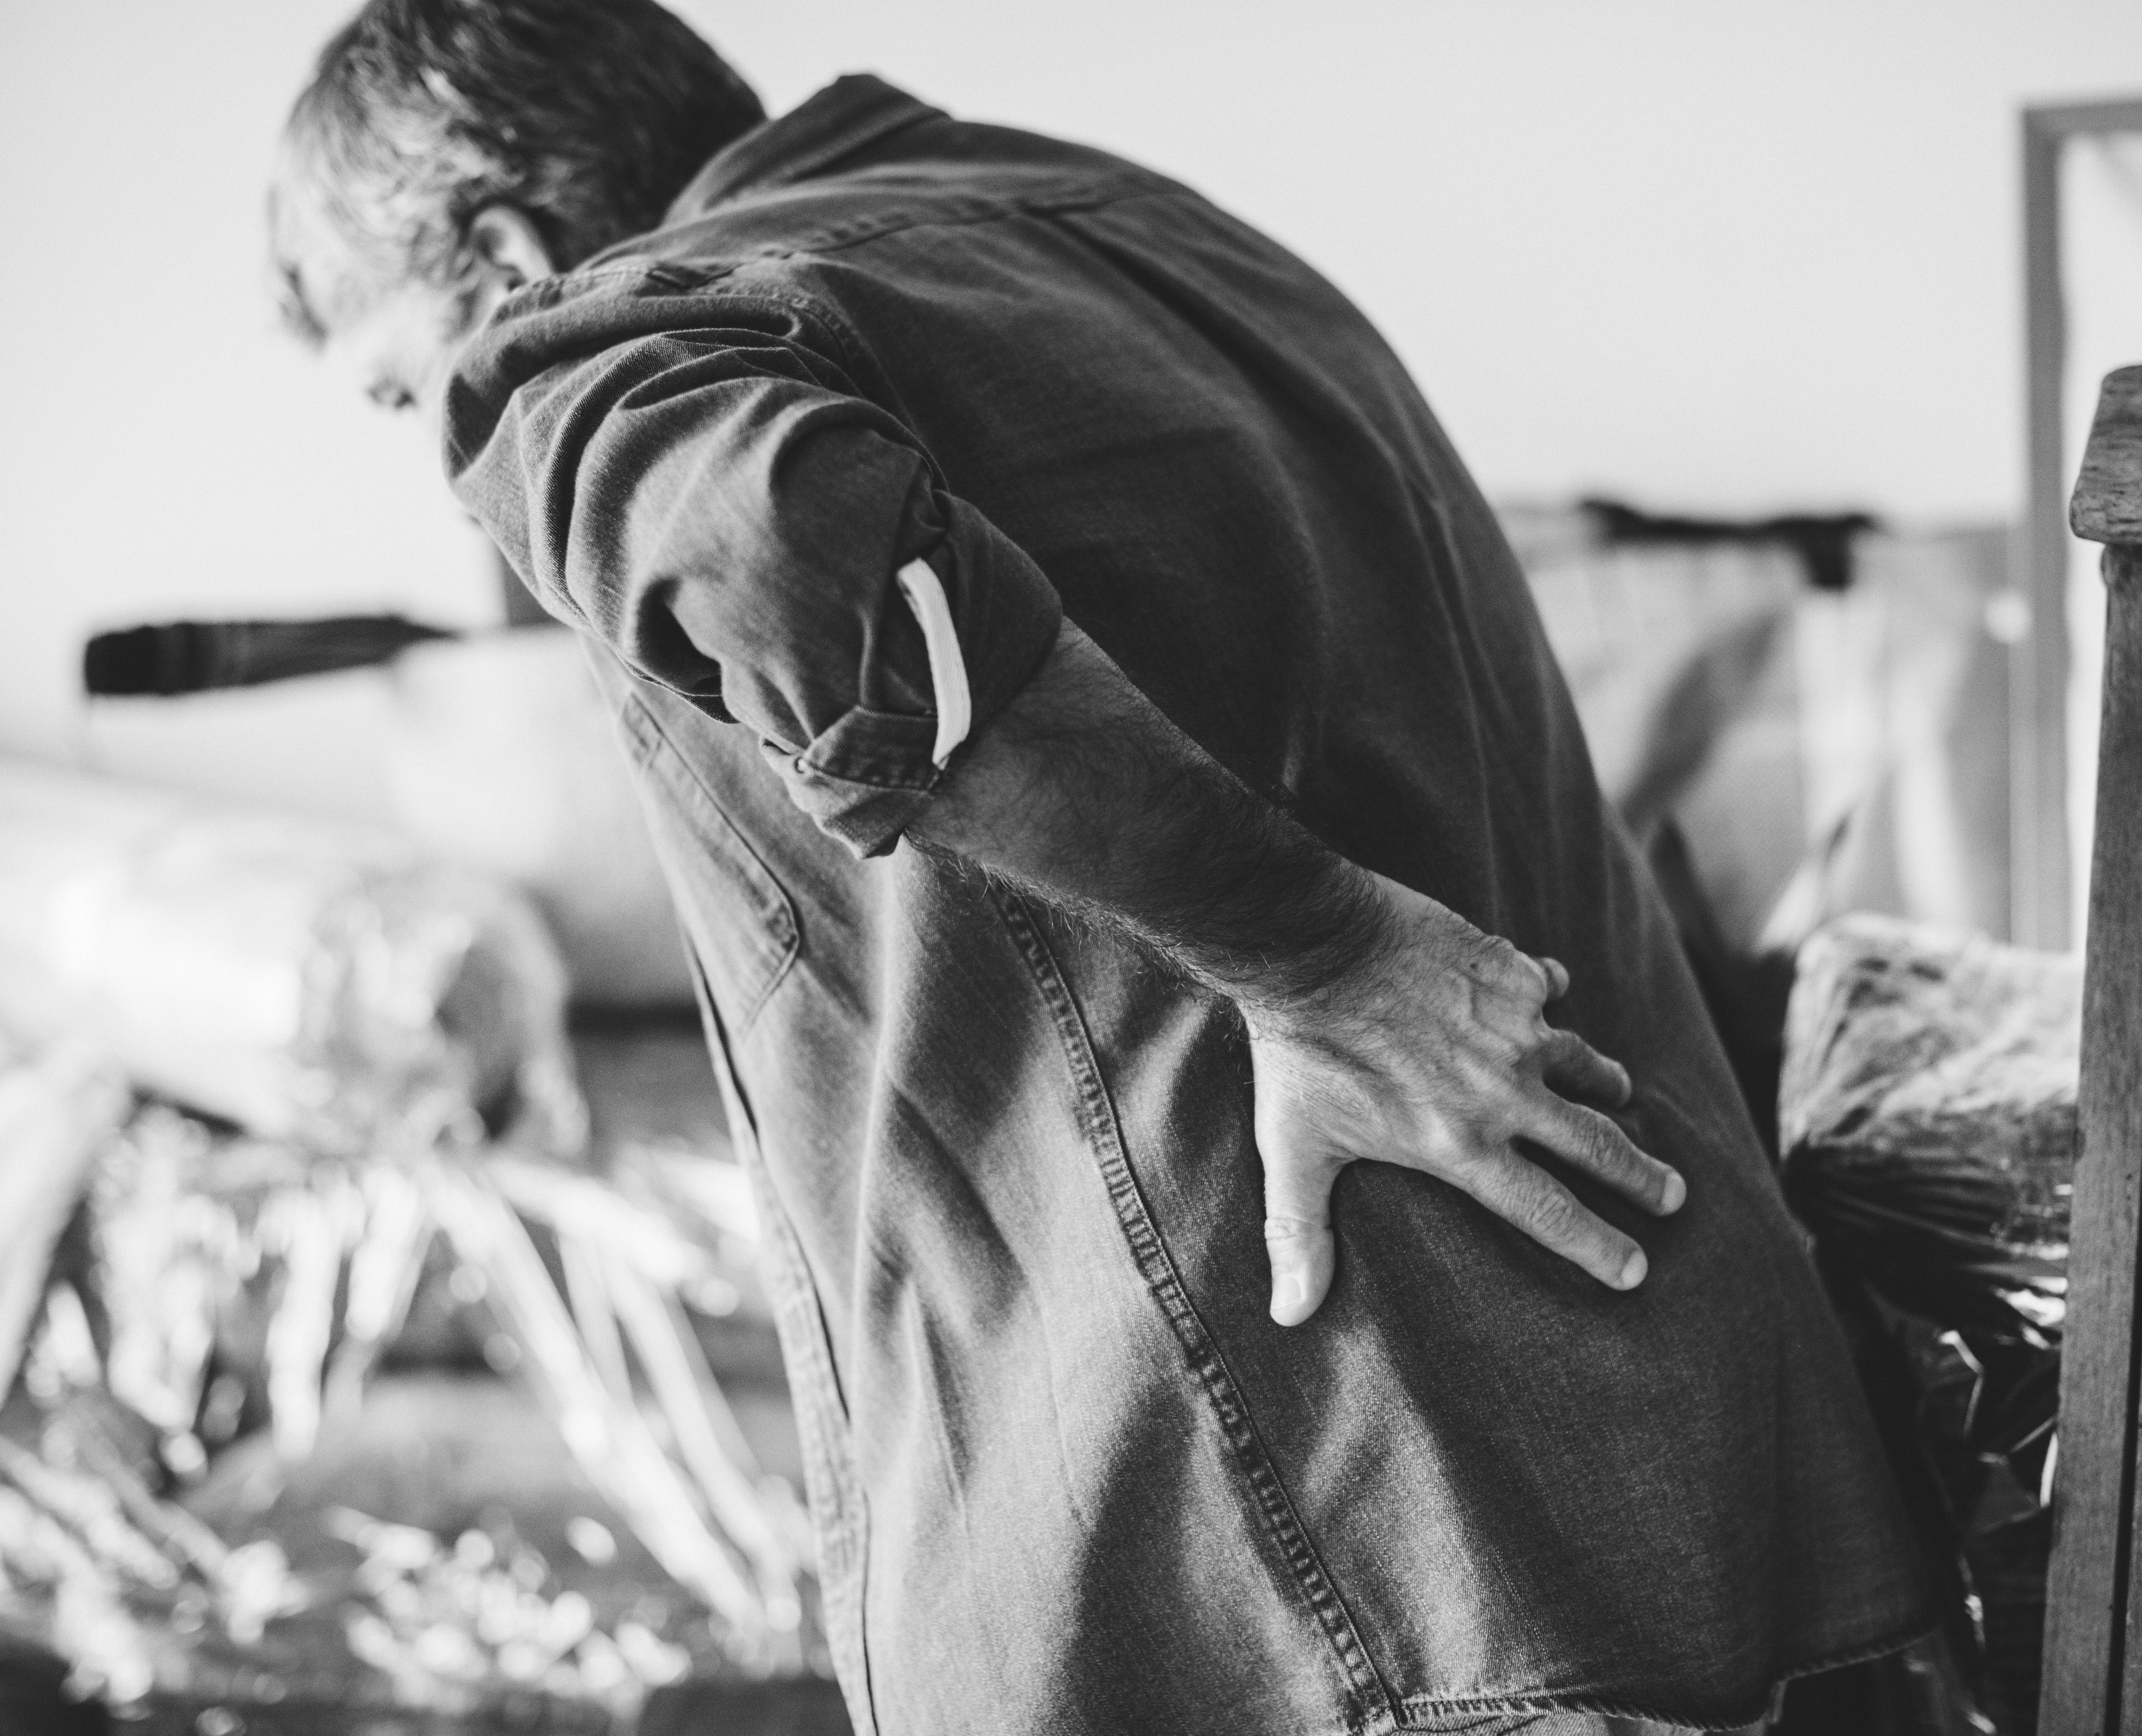 Le gilet CapRelax®pour soulager efficacement les tensions musculaires du haut du corps